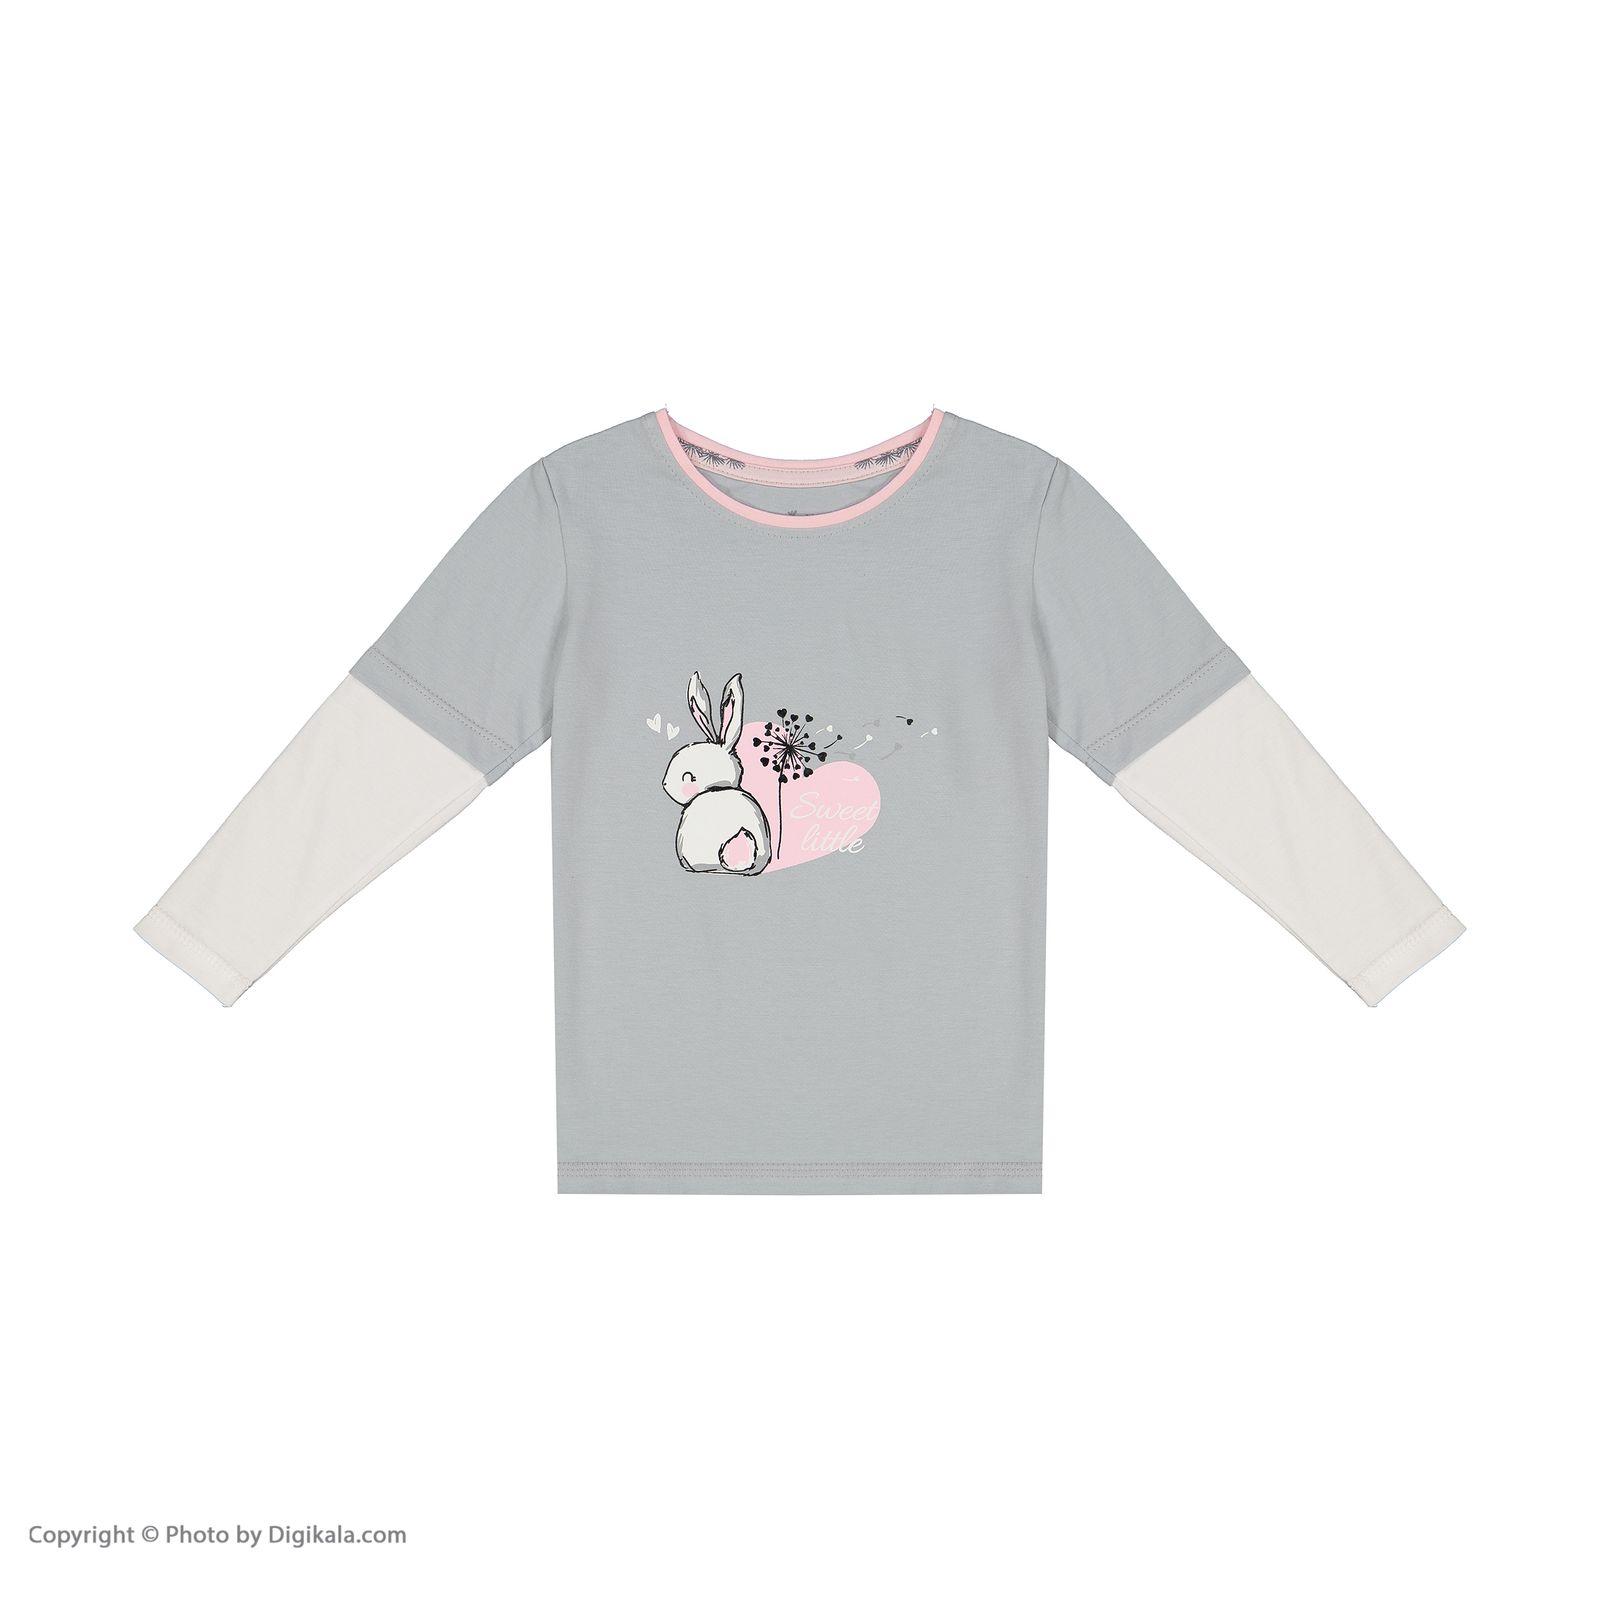 ست تی شرت و شلوار دخترانه ناربن مدل 1521328-93 -  - 7